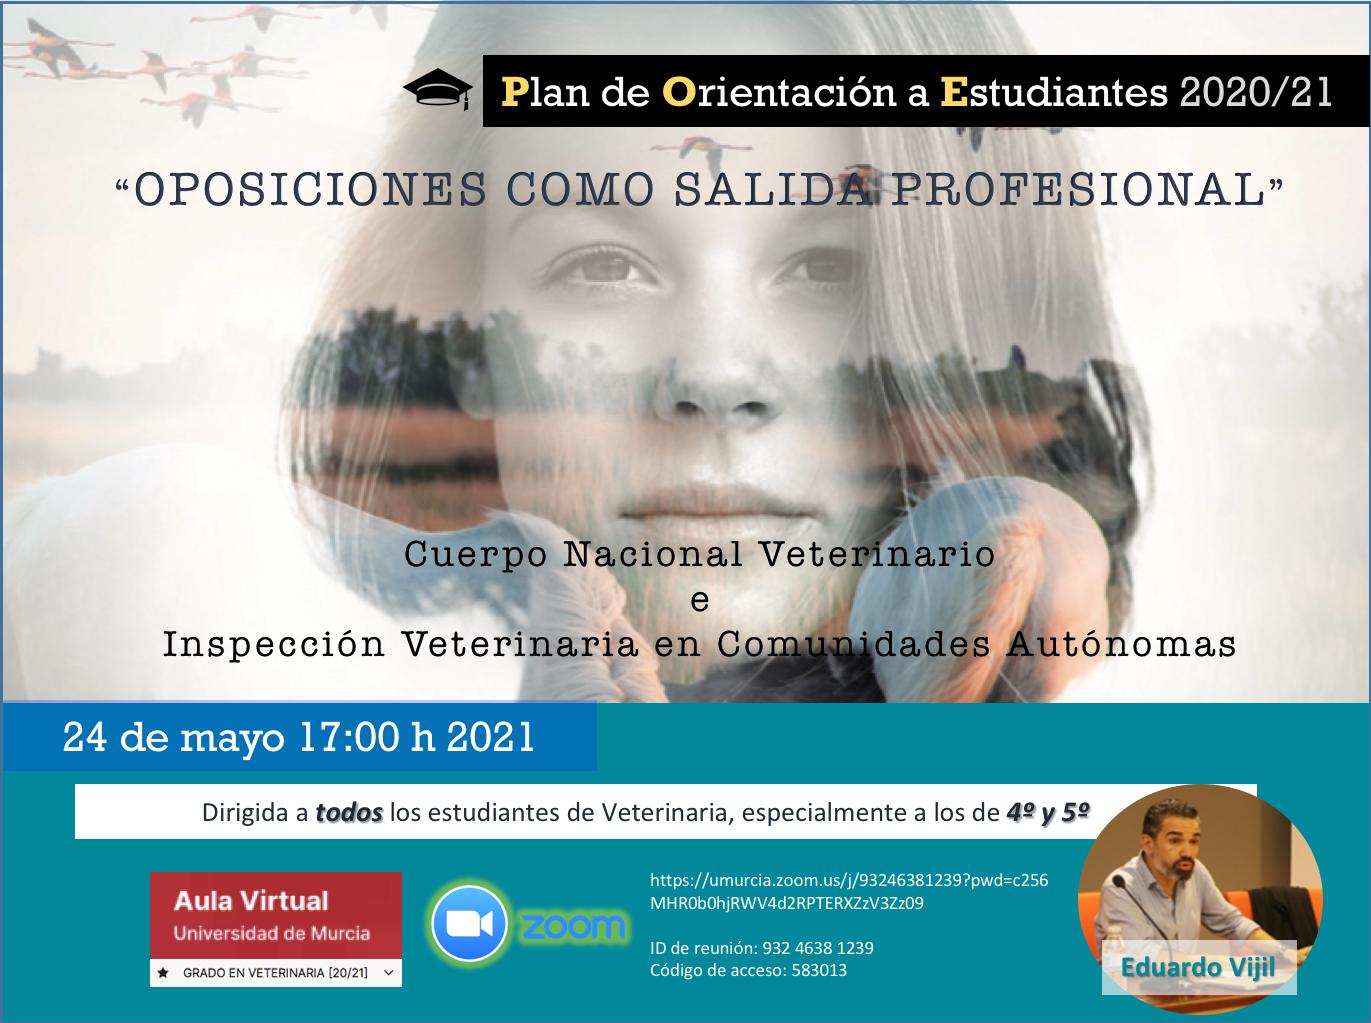 Oposiciones como salida profesional para veterinarios